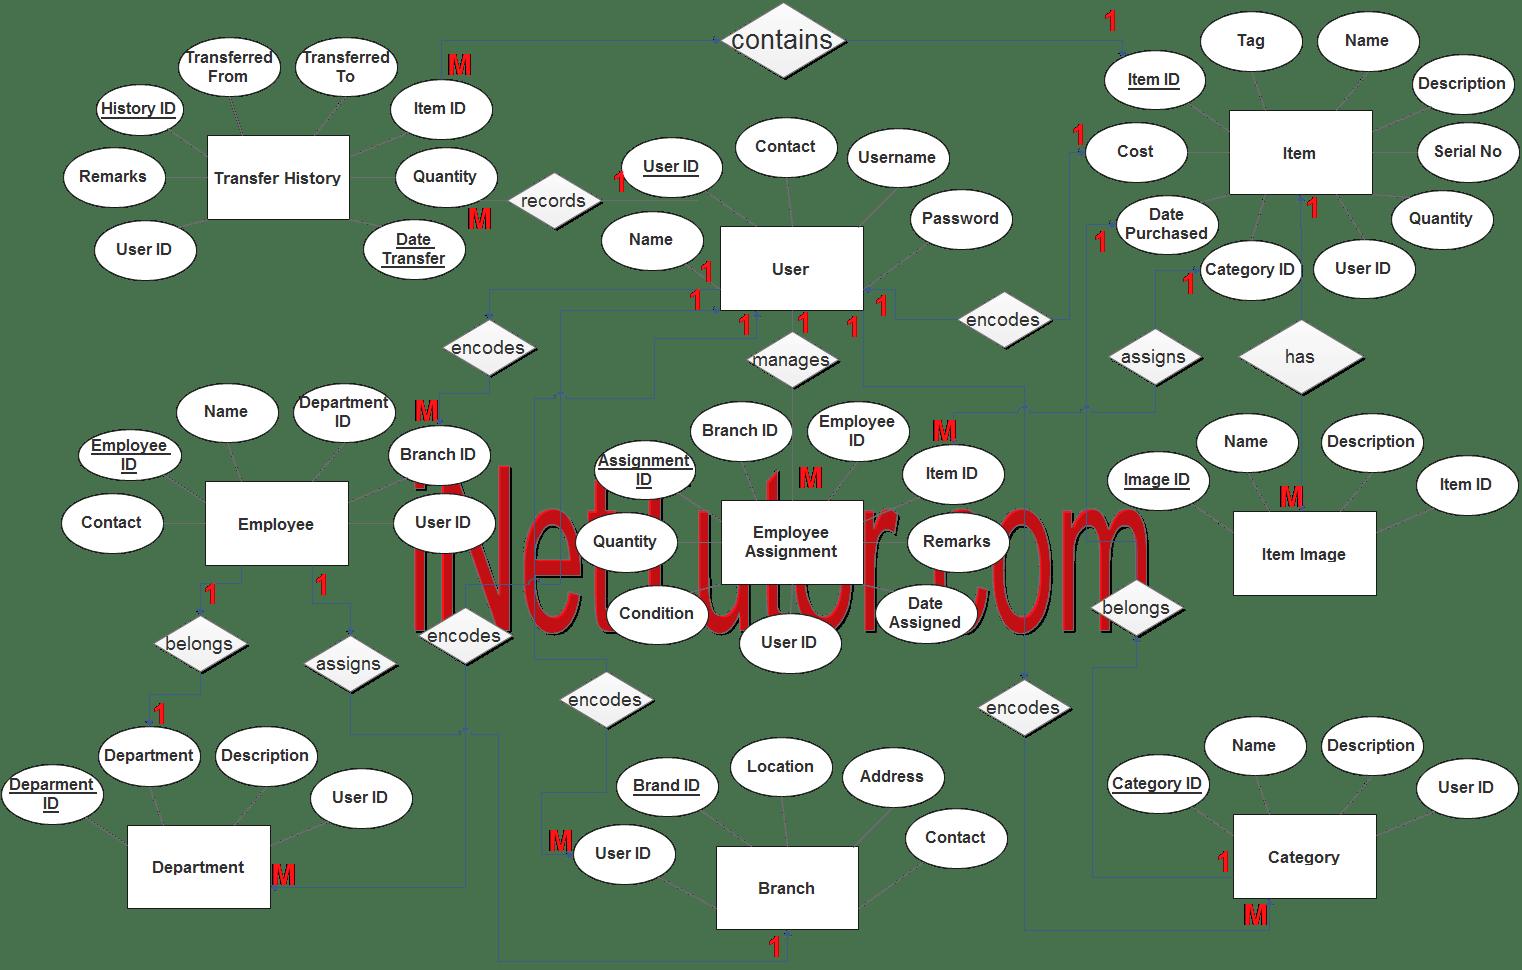 Asset Management System ER Diagram - Step 3 Complete ERD